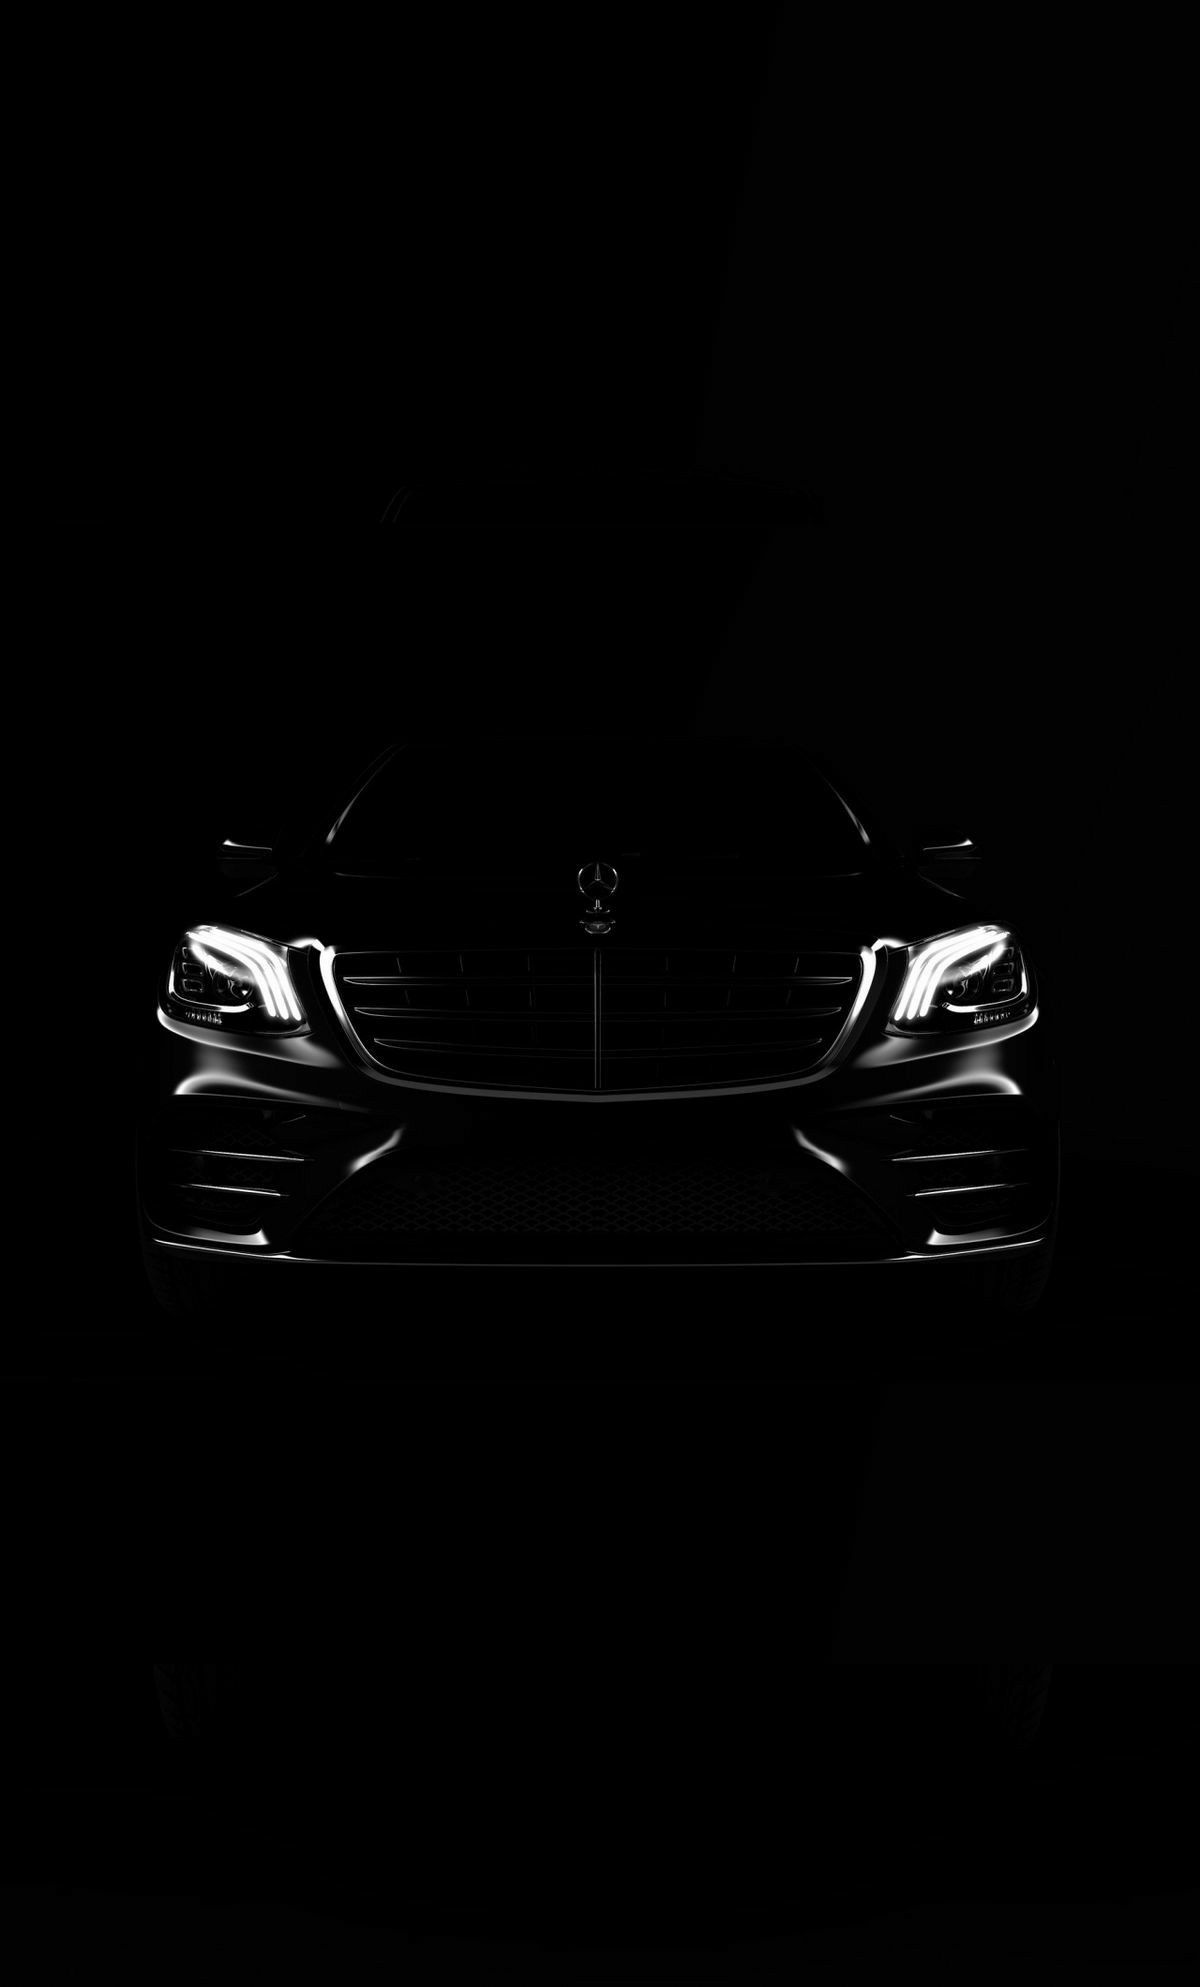 Epingle Par Mian Mikael Sur Hos En 2020 Logos De Voitures Logo Voitures Voiture Mercedes